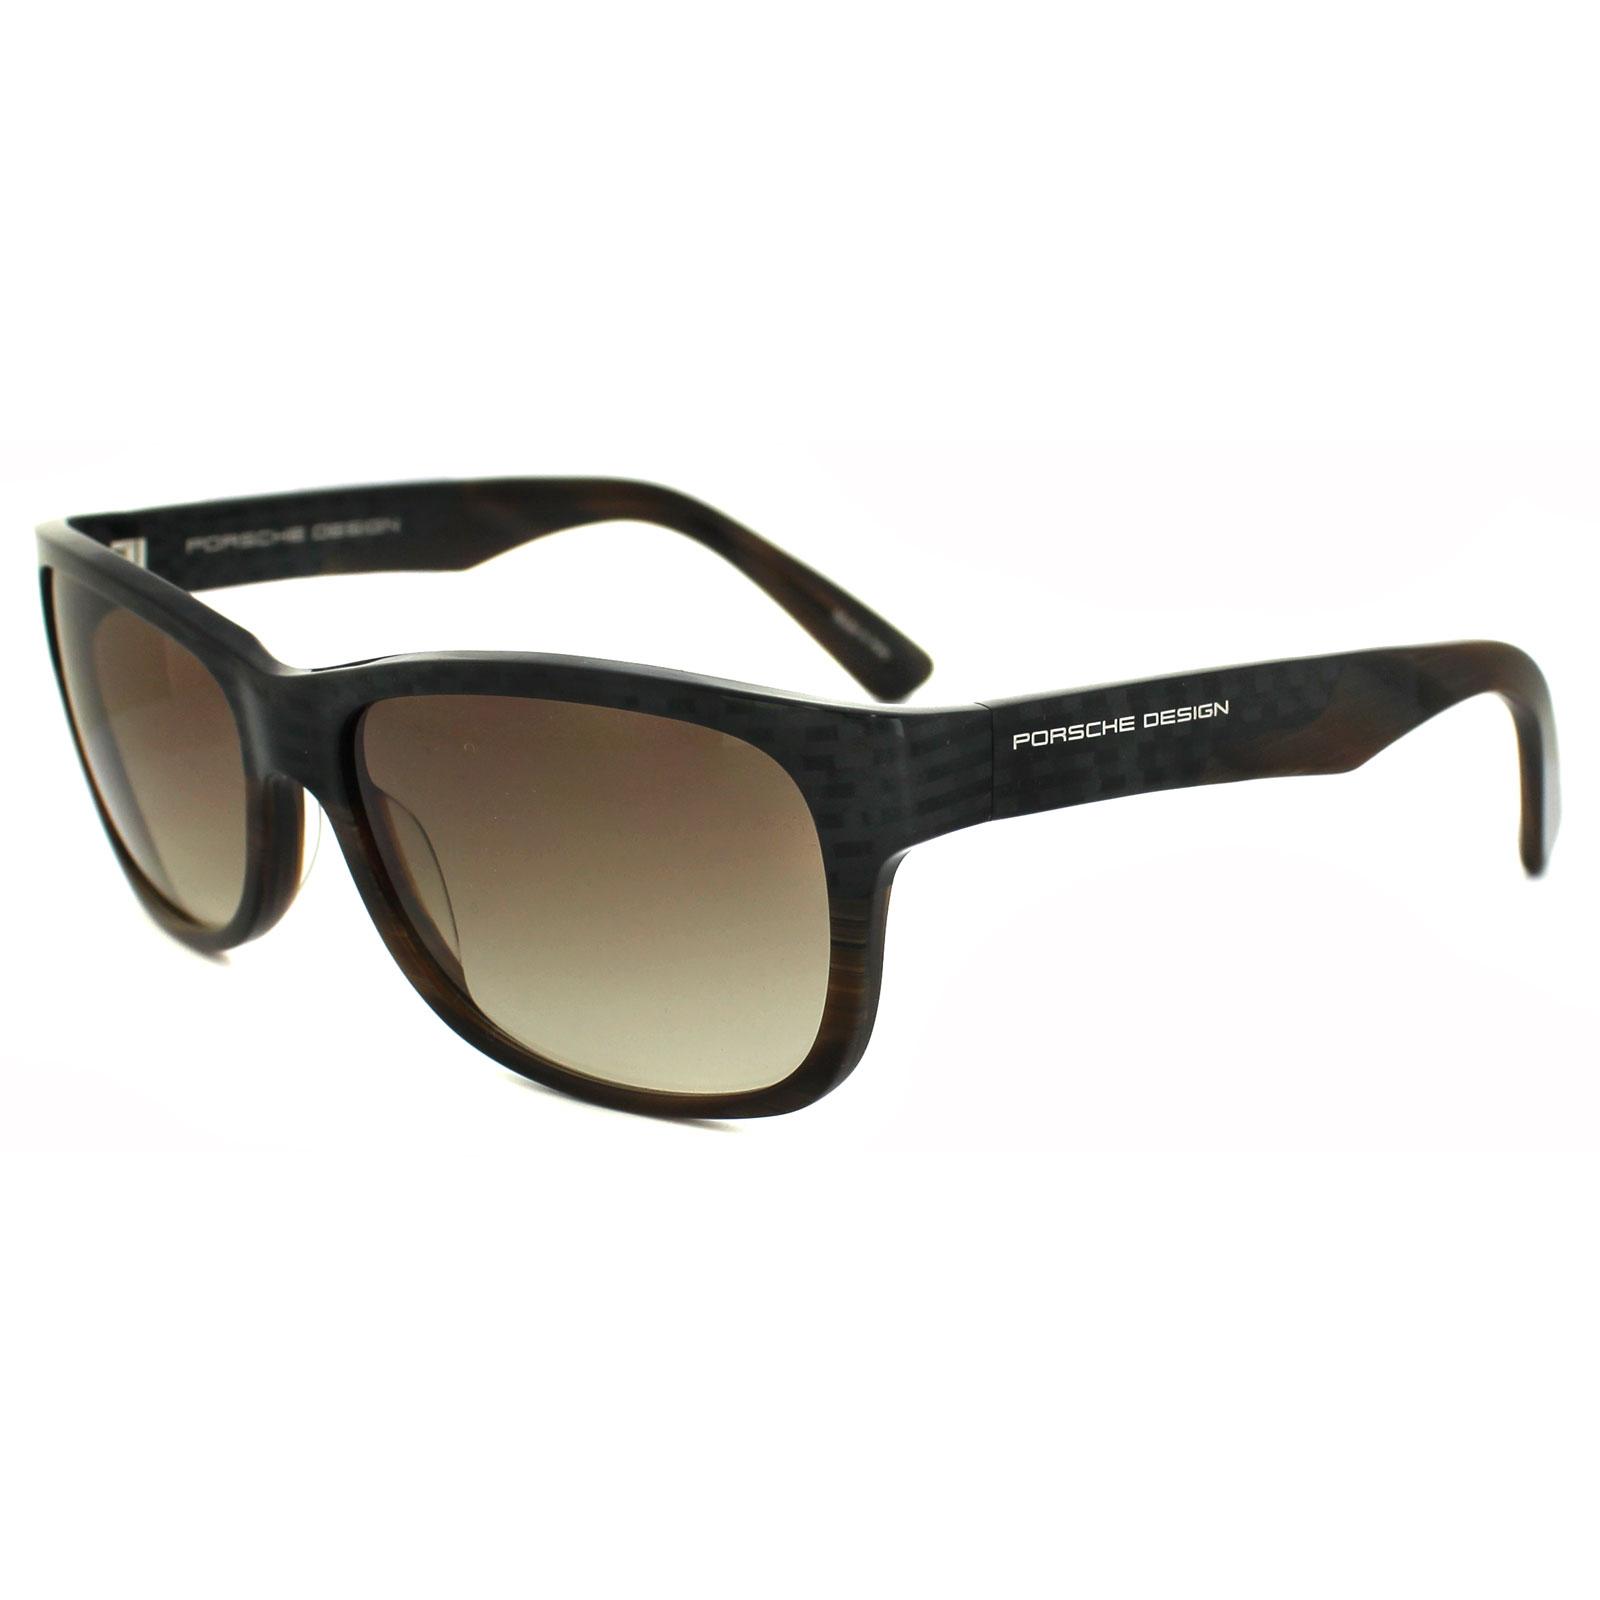 porsche design lunettes de soleil p8546 b gris marron havane d grad es ebay. Black Bedroom Furniture Sets. Home Design Ideas